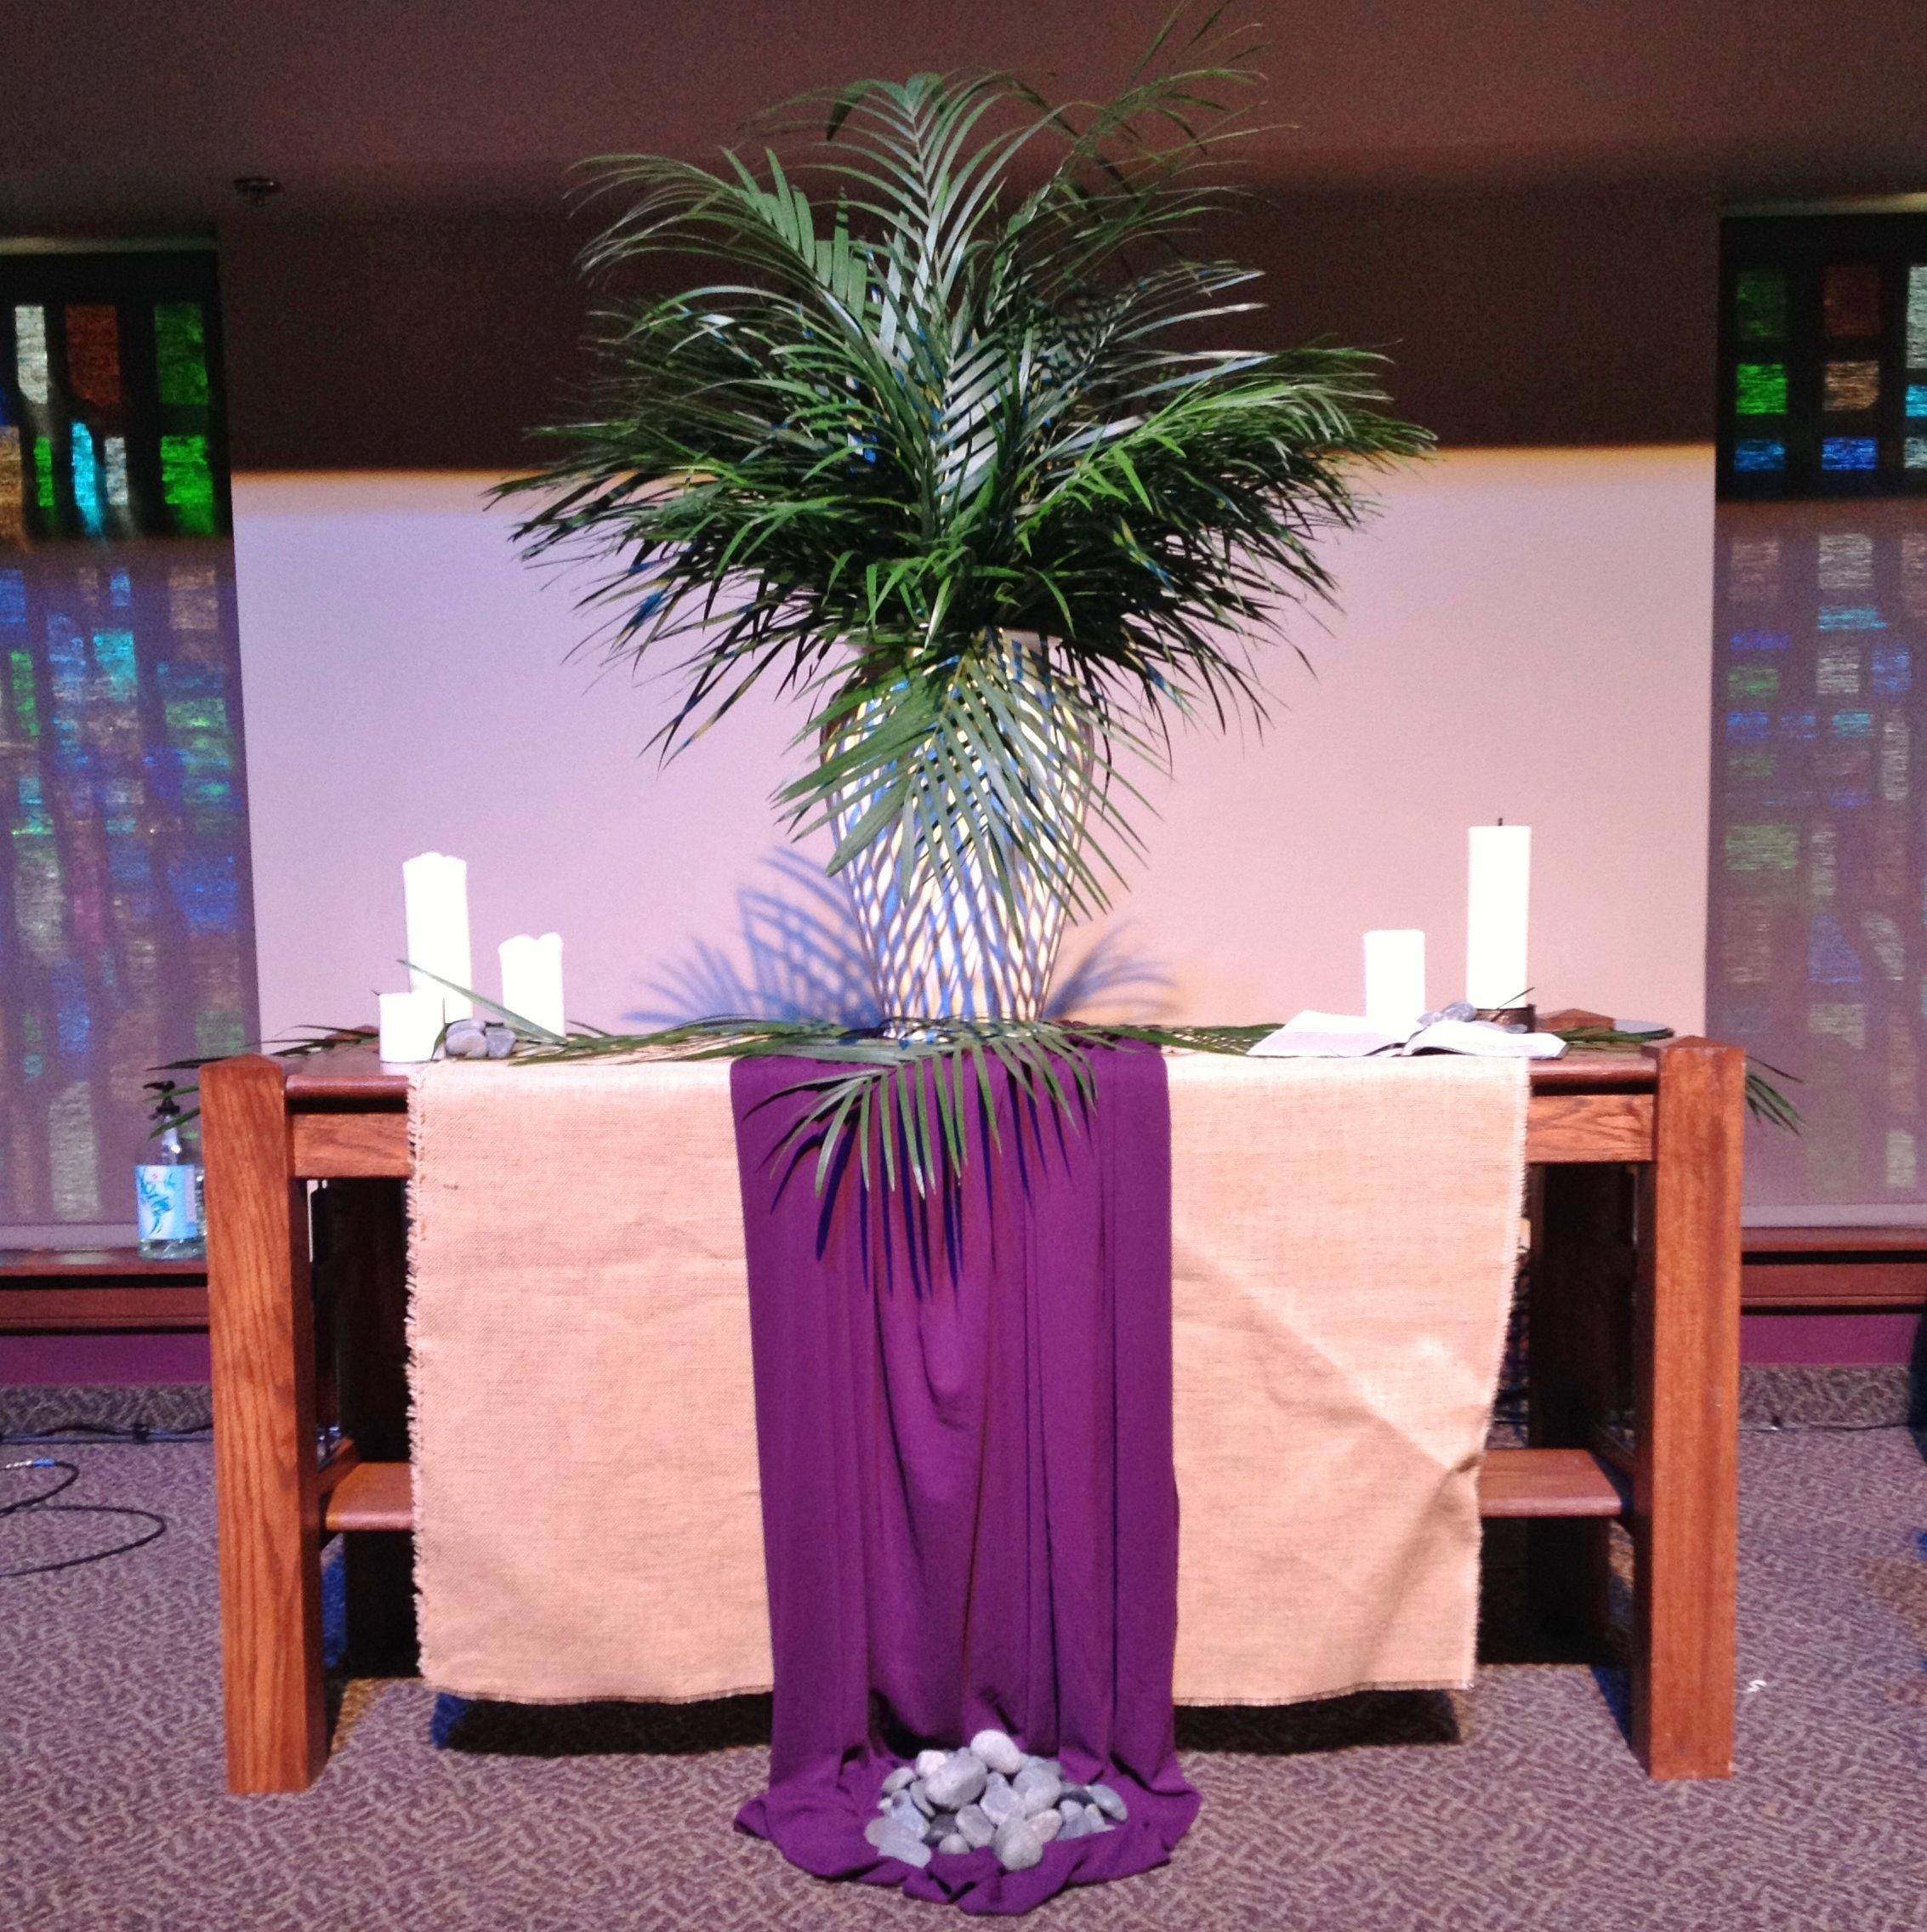 Church Altar Decorations: GAUMC Worship Center Palm Sunday Altar 2014